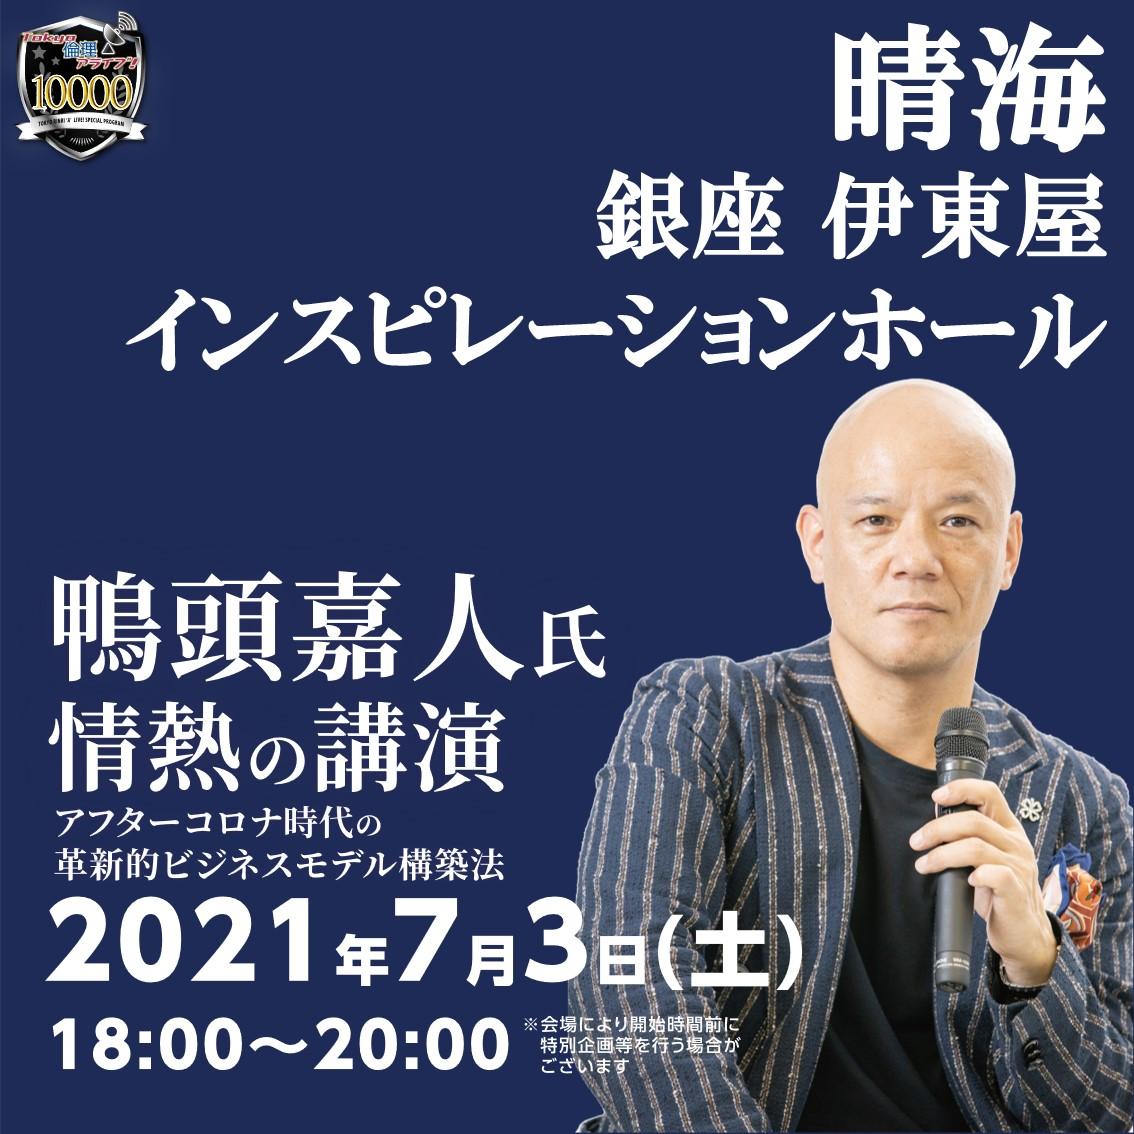 【晴海】倫理アライブ10000サテライト会場【銀座 伊東屋 インスピレーションホール】